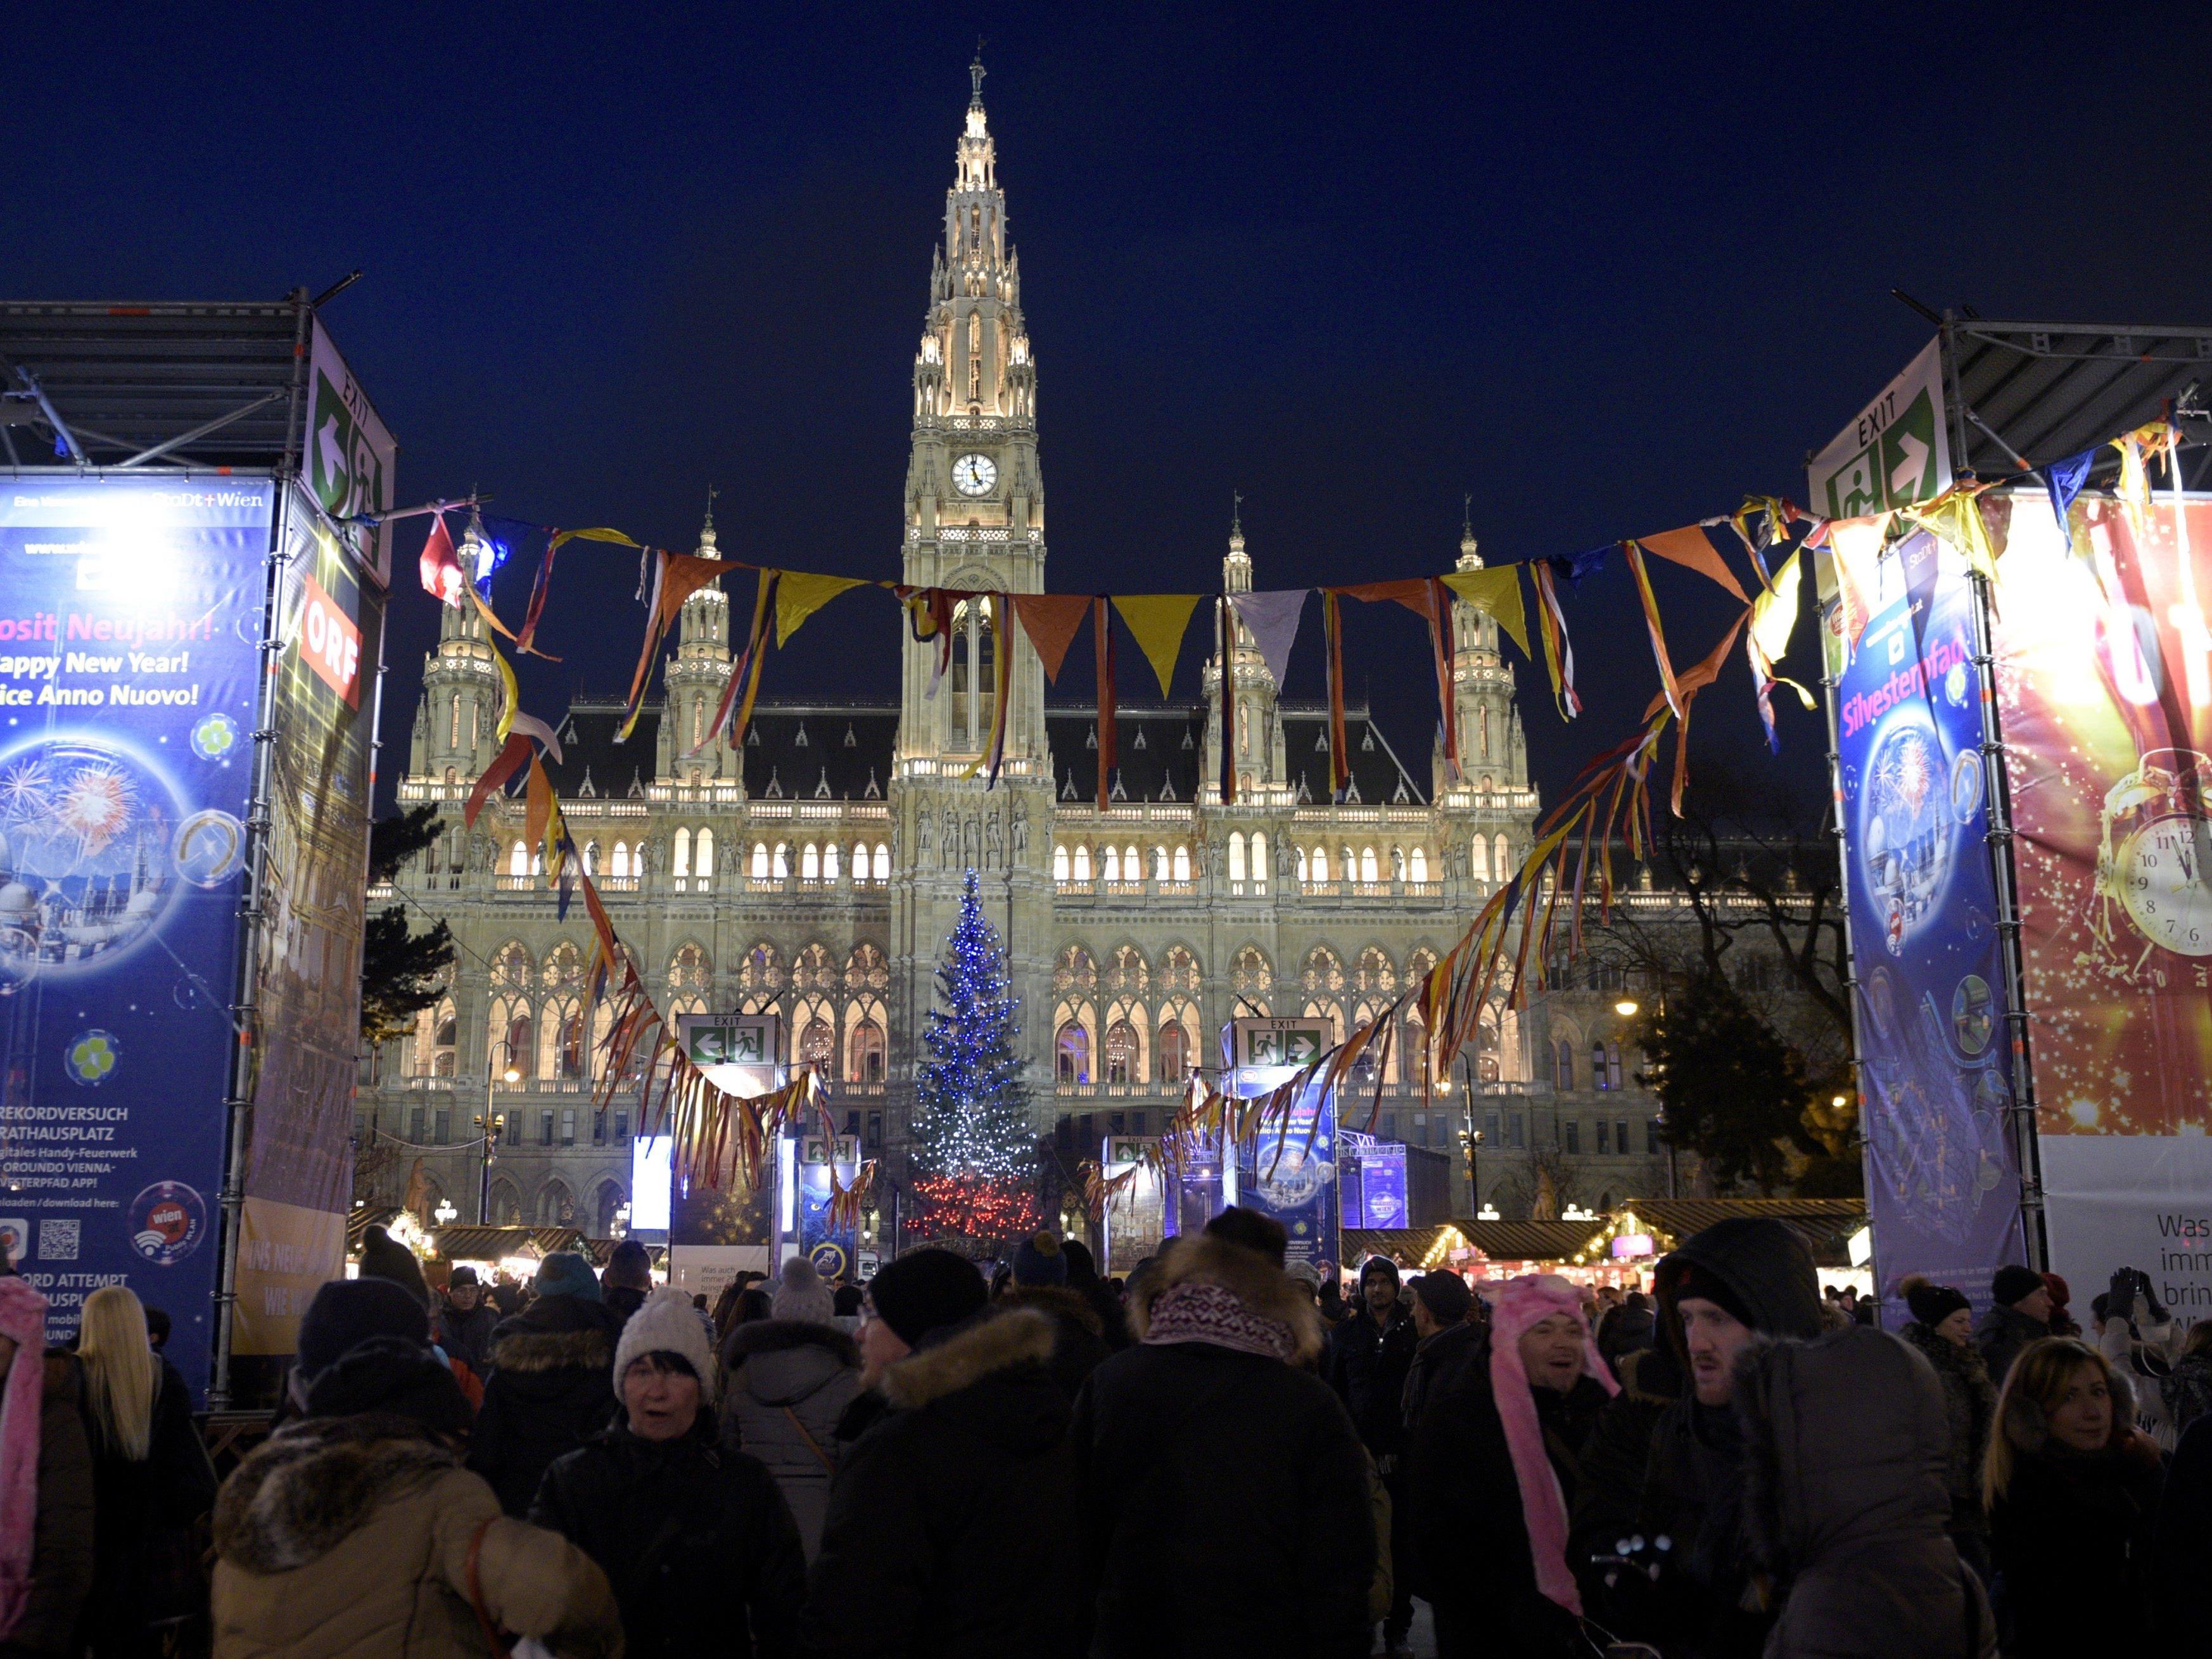 Bis zu 600.000 Besucher werden am Silvesterpfad erwartet.